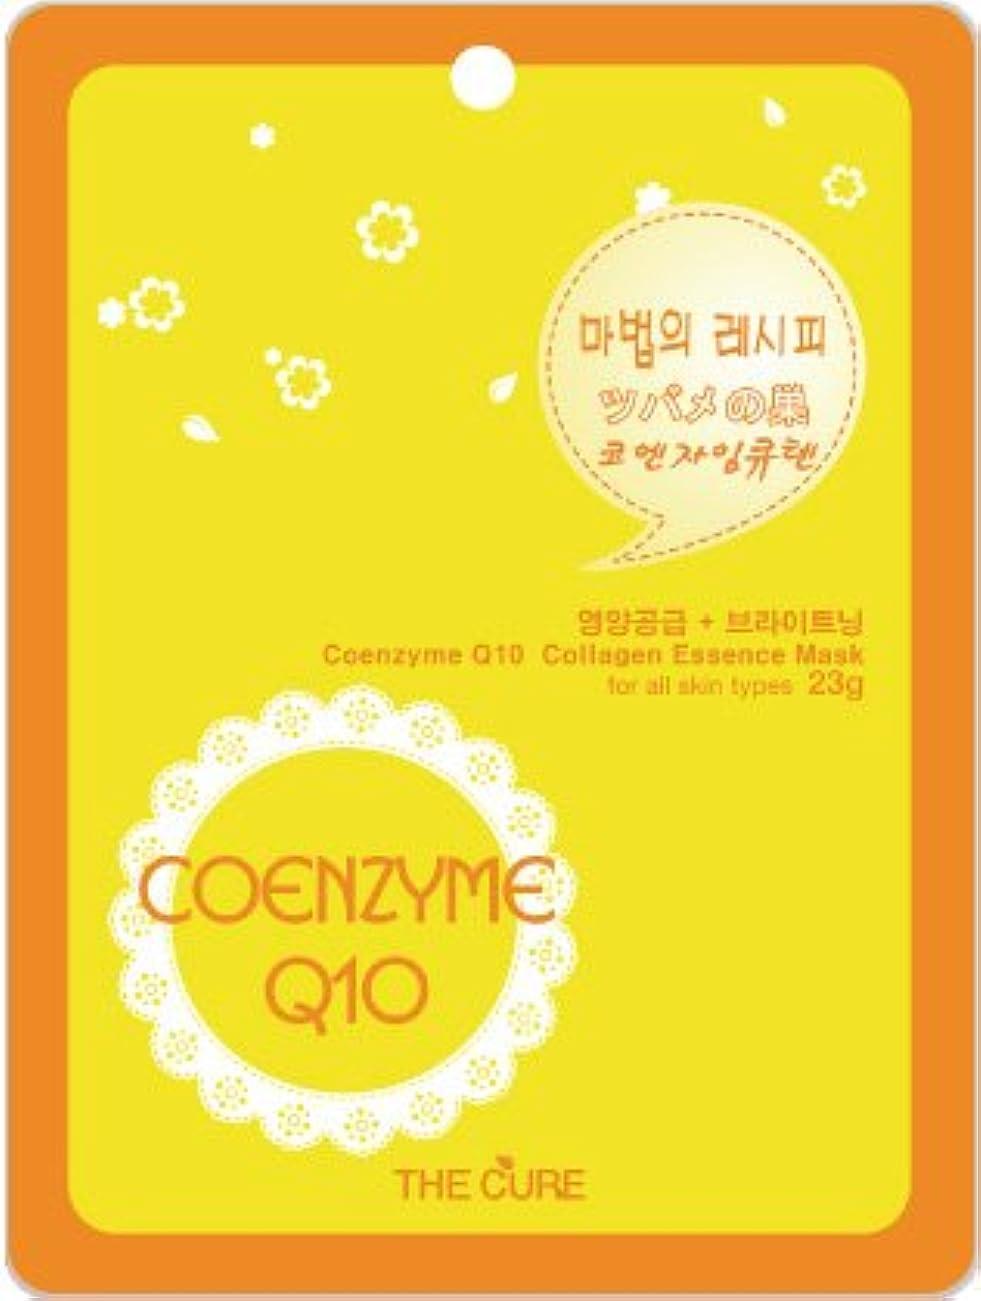 正規化ドループ氷コエンザイムQ10 コラーゲン エッセンス マスク THE CURE シート パック 10枚セット 韓国 コスメ 乾燥肌 オイリー肌 混合肌